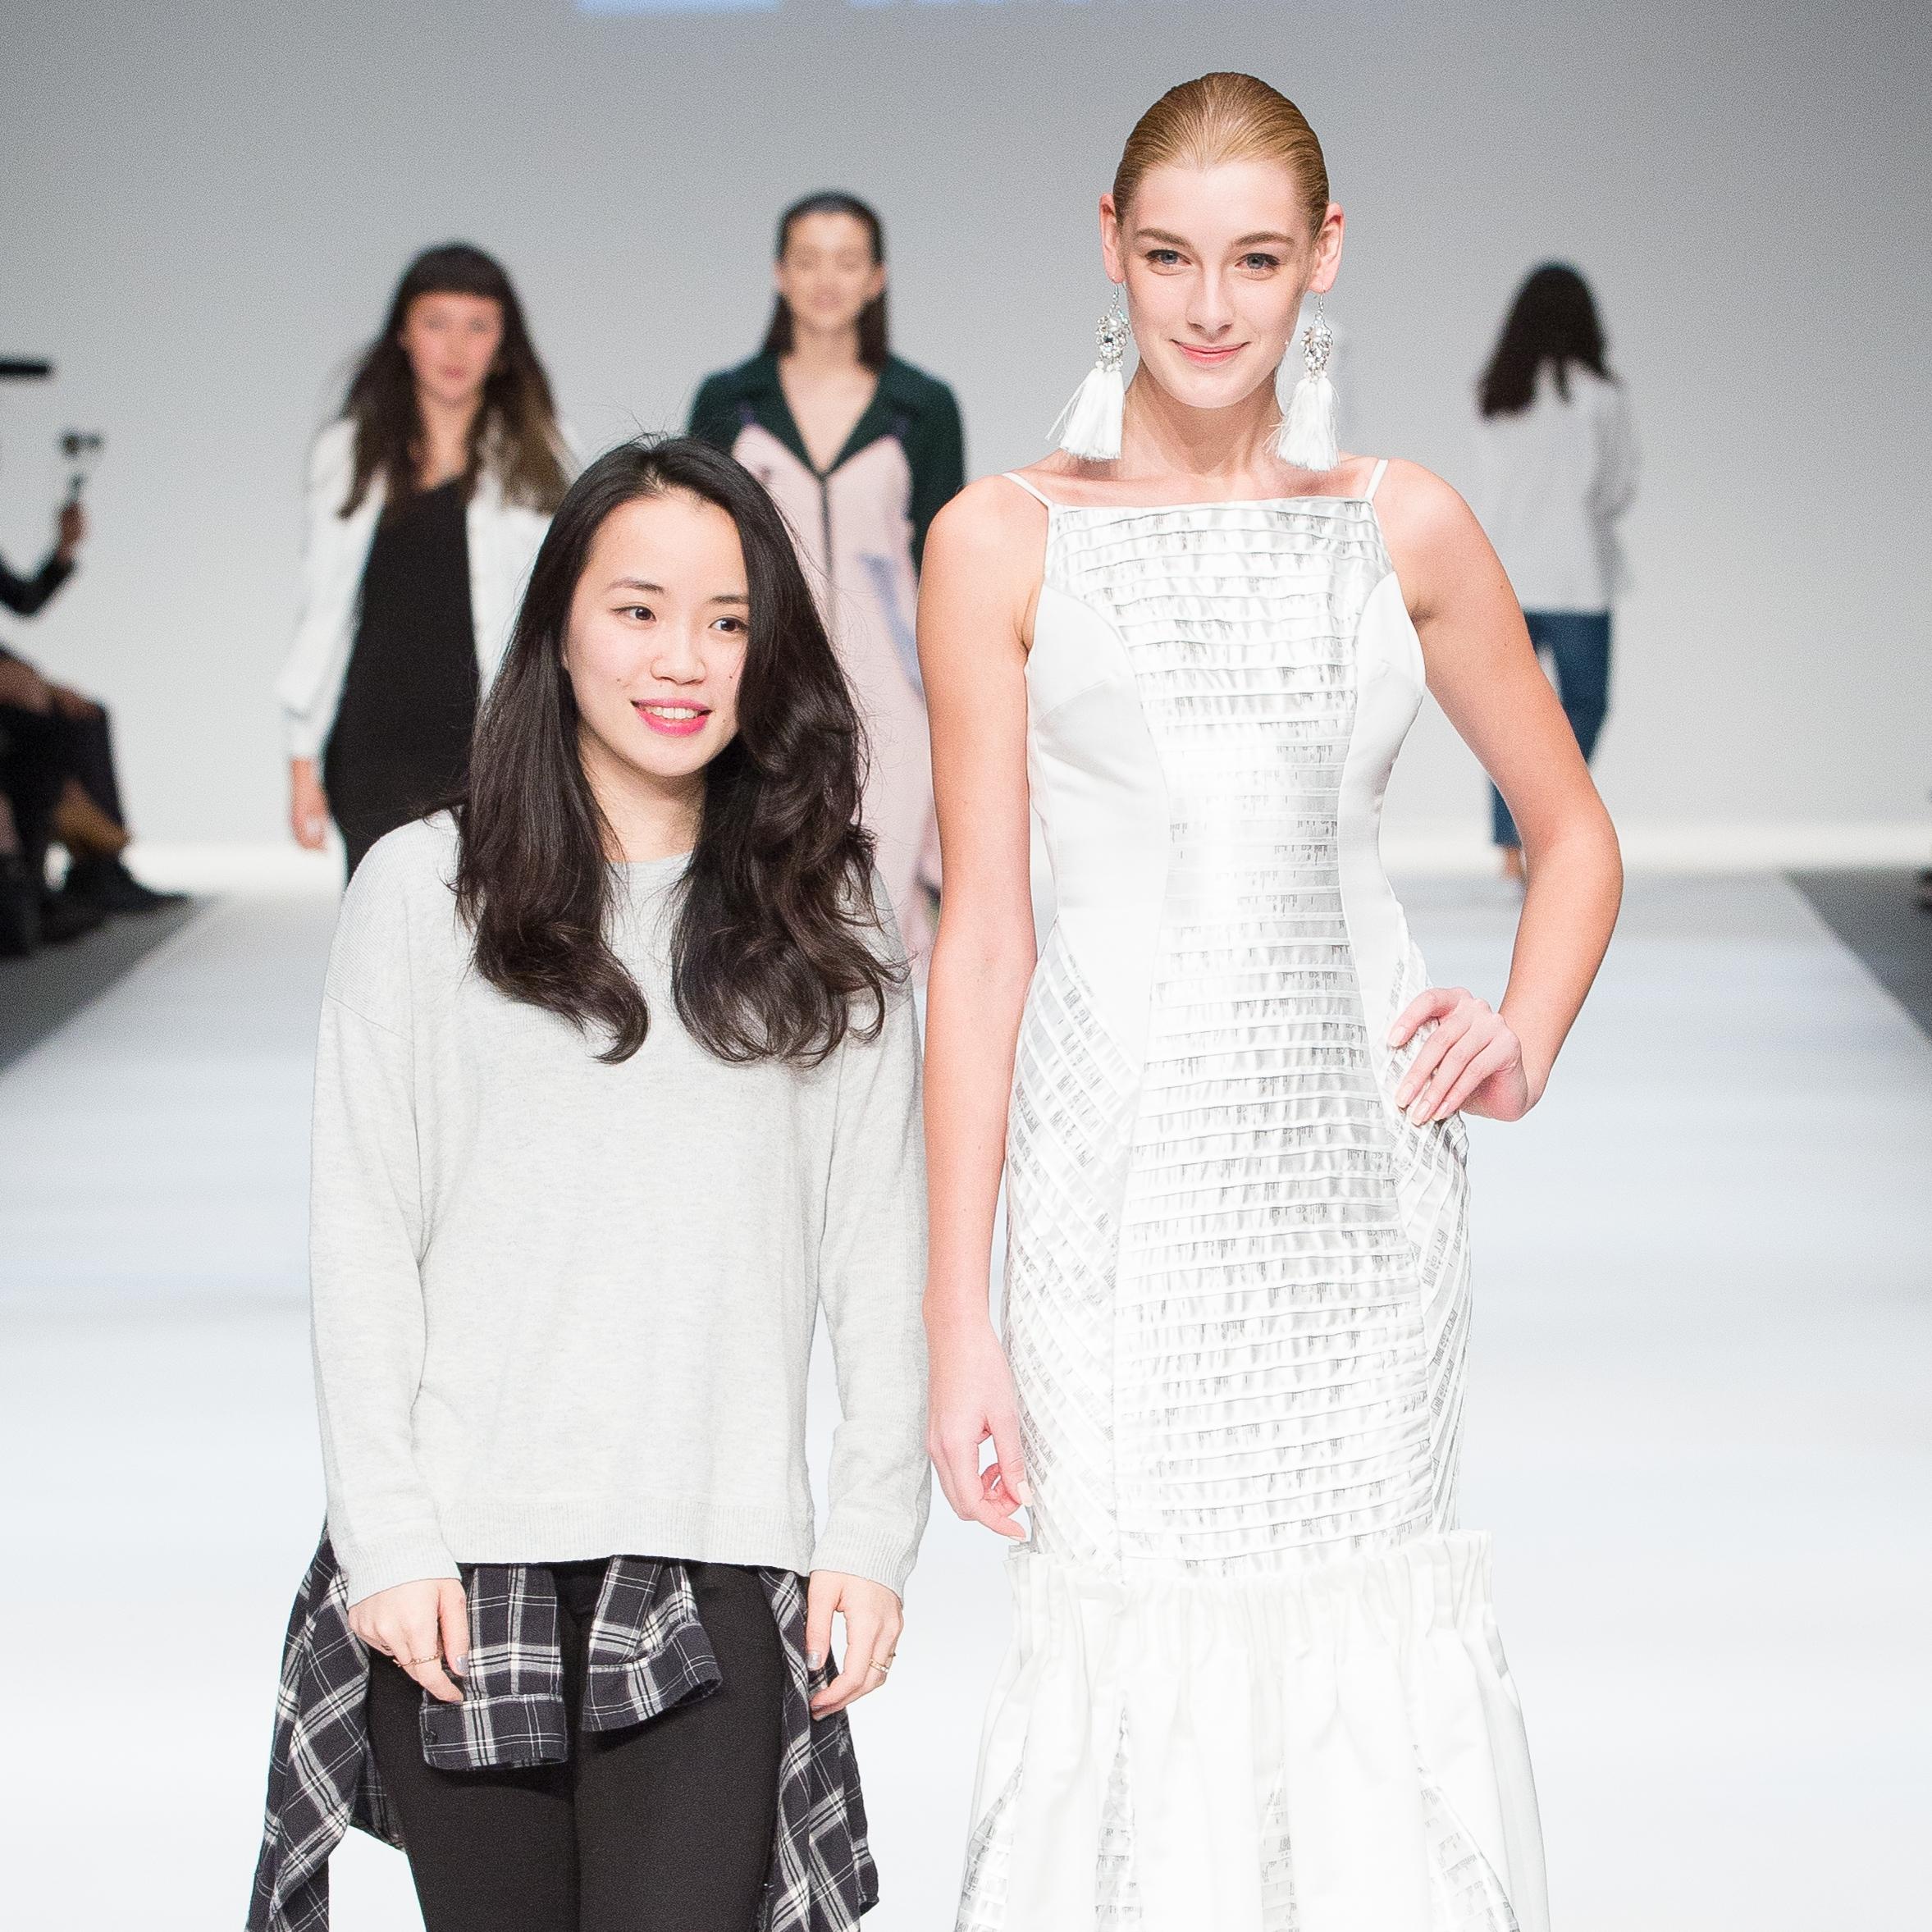 Hong Kong's Best' recognition   Esther Lui, Hong Kong